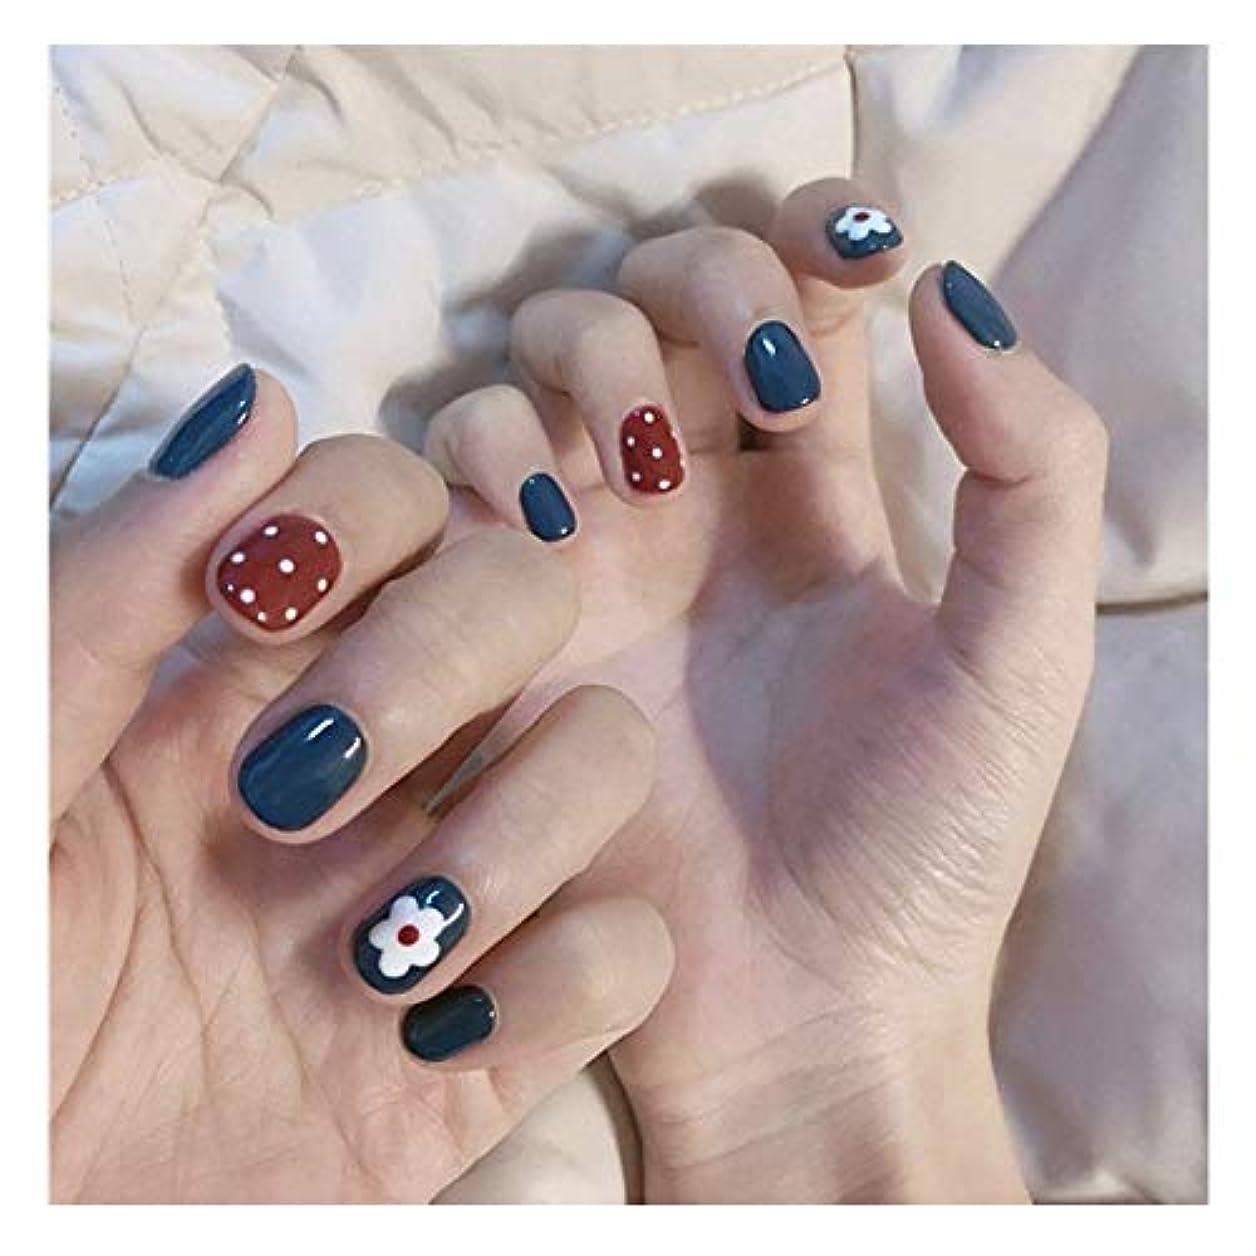 真似る採用する威信LVUITTON 明るい顔青+赤小の花偽の釘ショートネイルズのり完成ネイル偽の釘 (色 : 24 pieces)